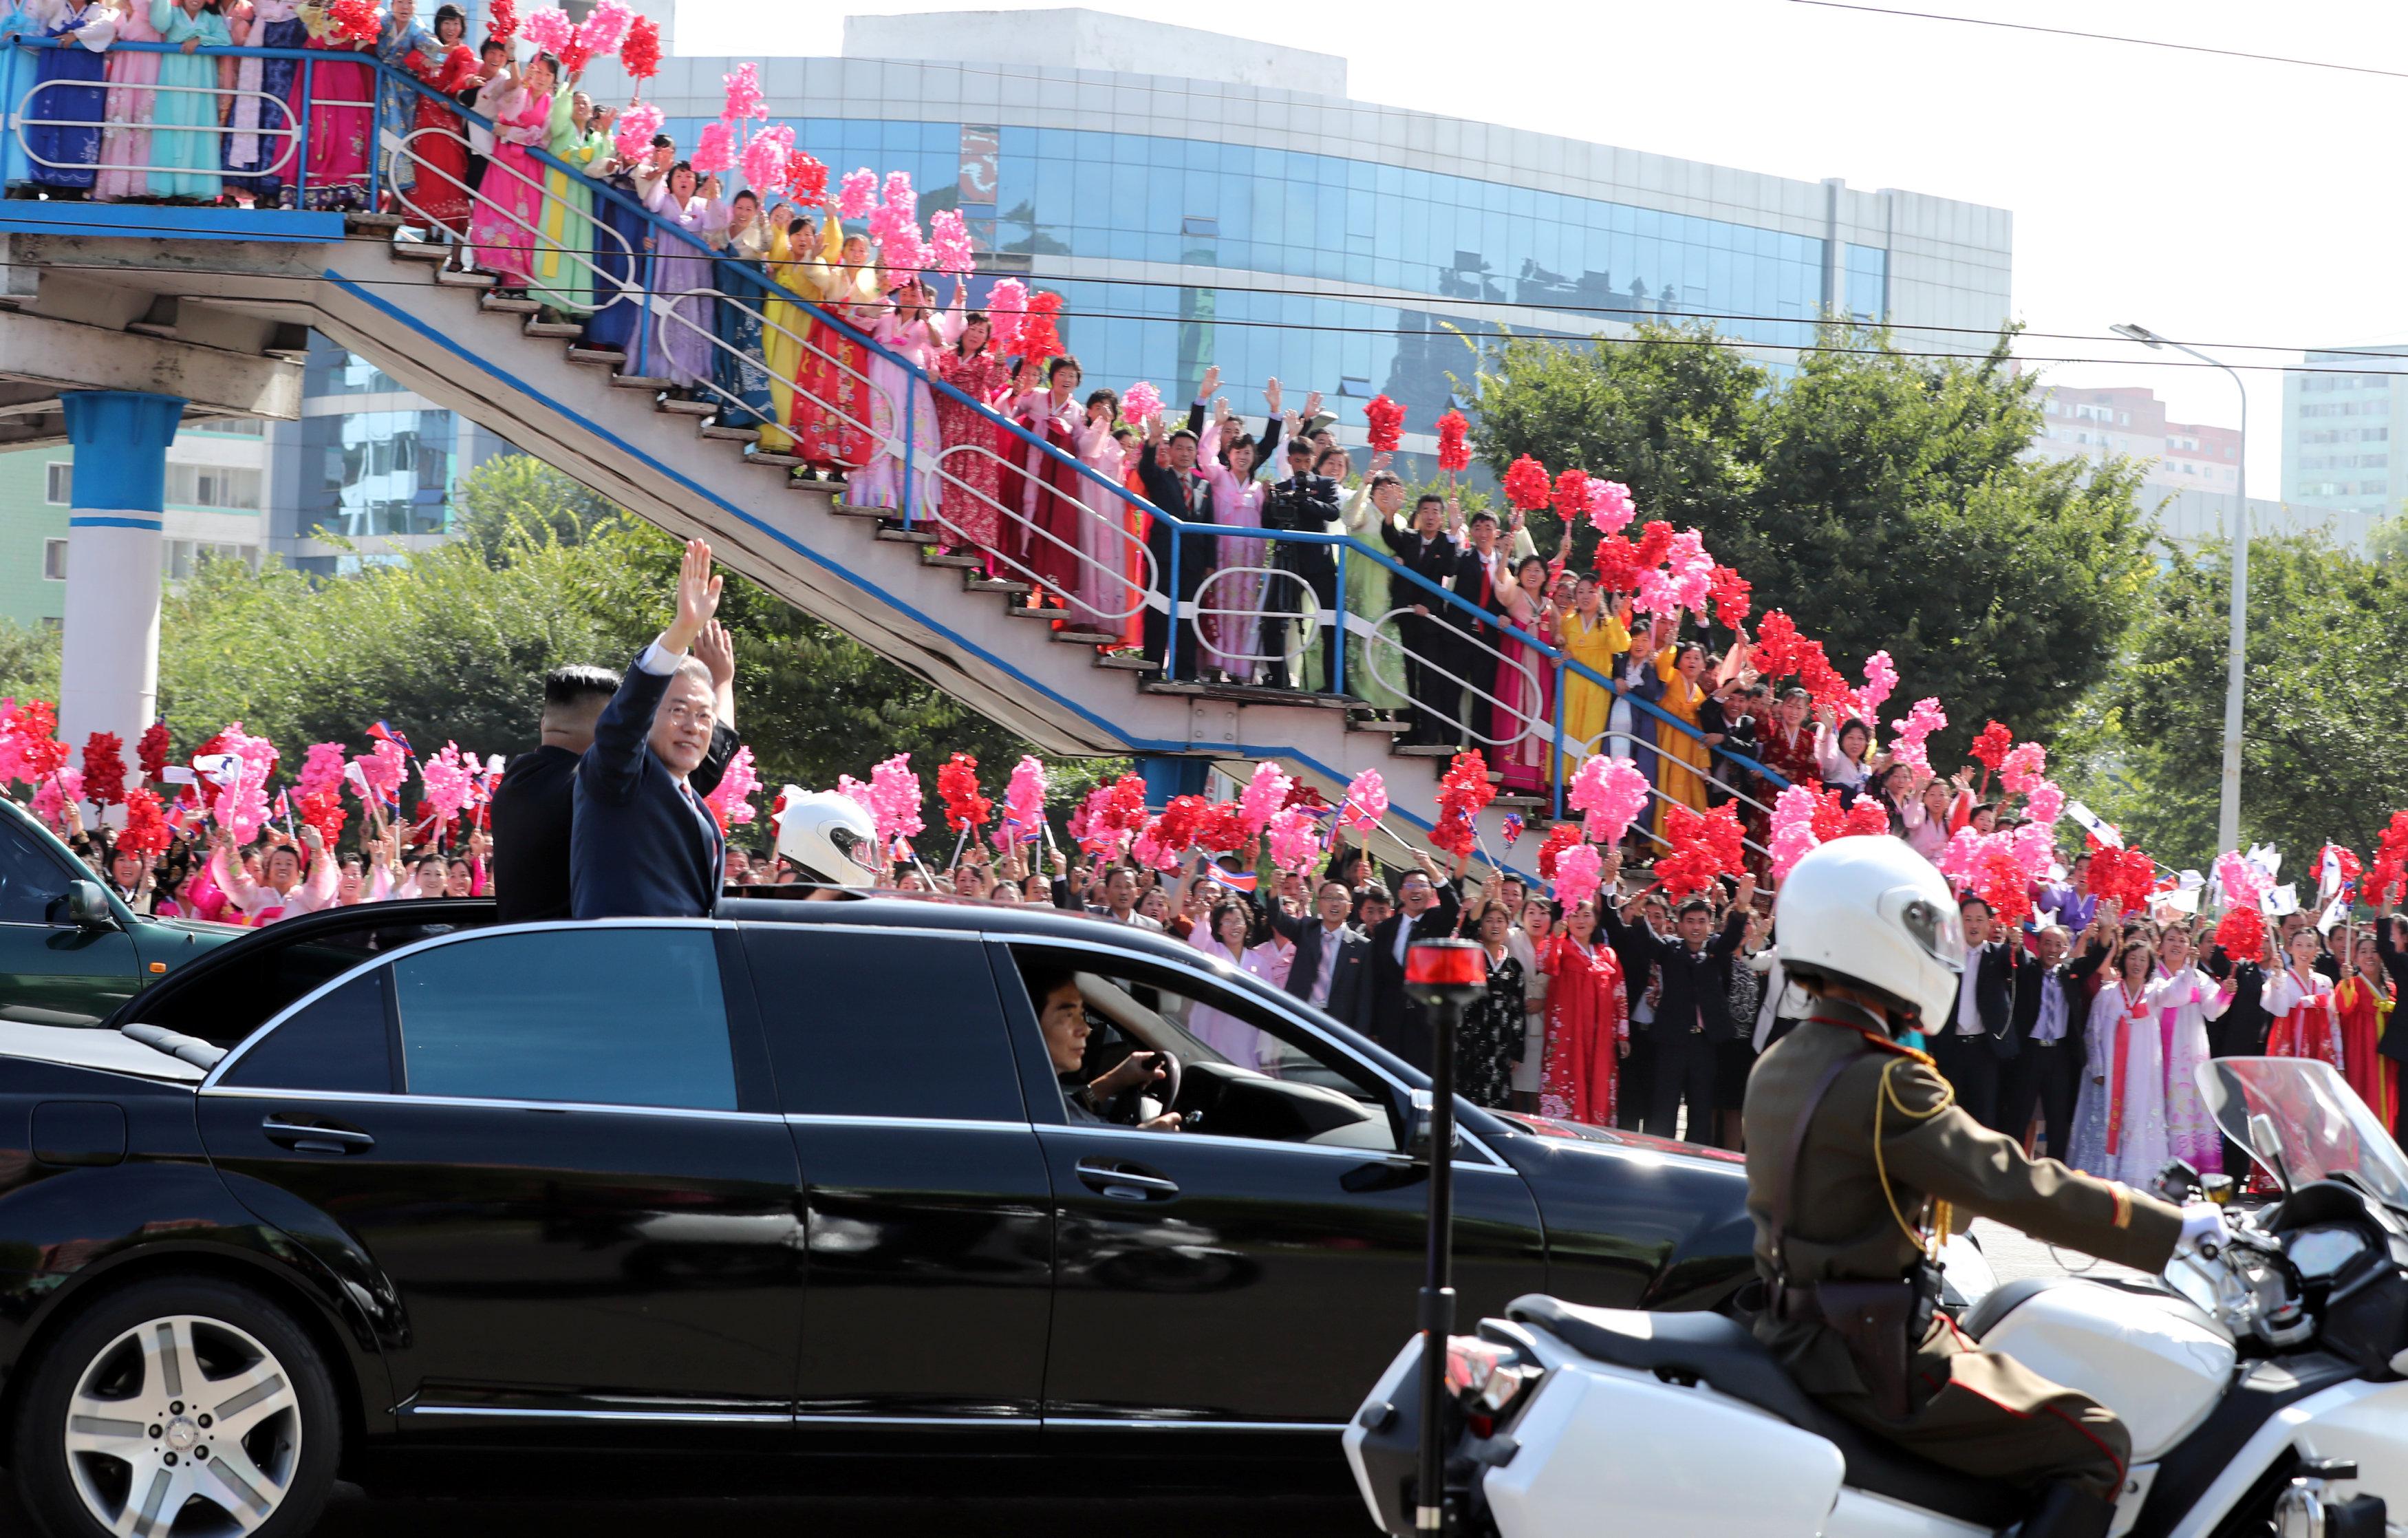 Moon se mostró durante toda la jornada sonriente y cómodo, también cuando Kim lo paseó por varios de los puntos emblemáticos de Pionyang, como la avenida Ryomyong o el Palacio del Sol de Kumsusan, mientras una ordenada multitud de ciudadanos los vitoreaba al paso